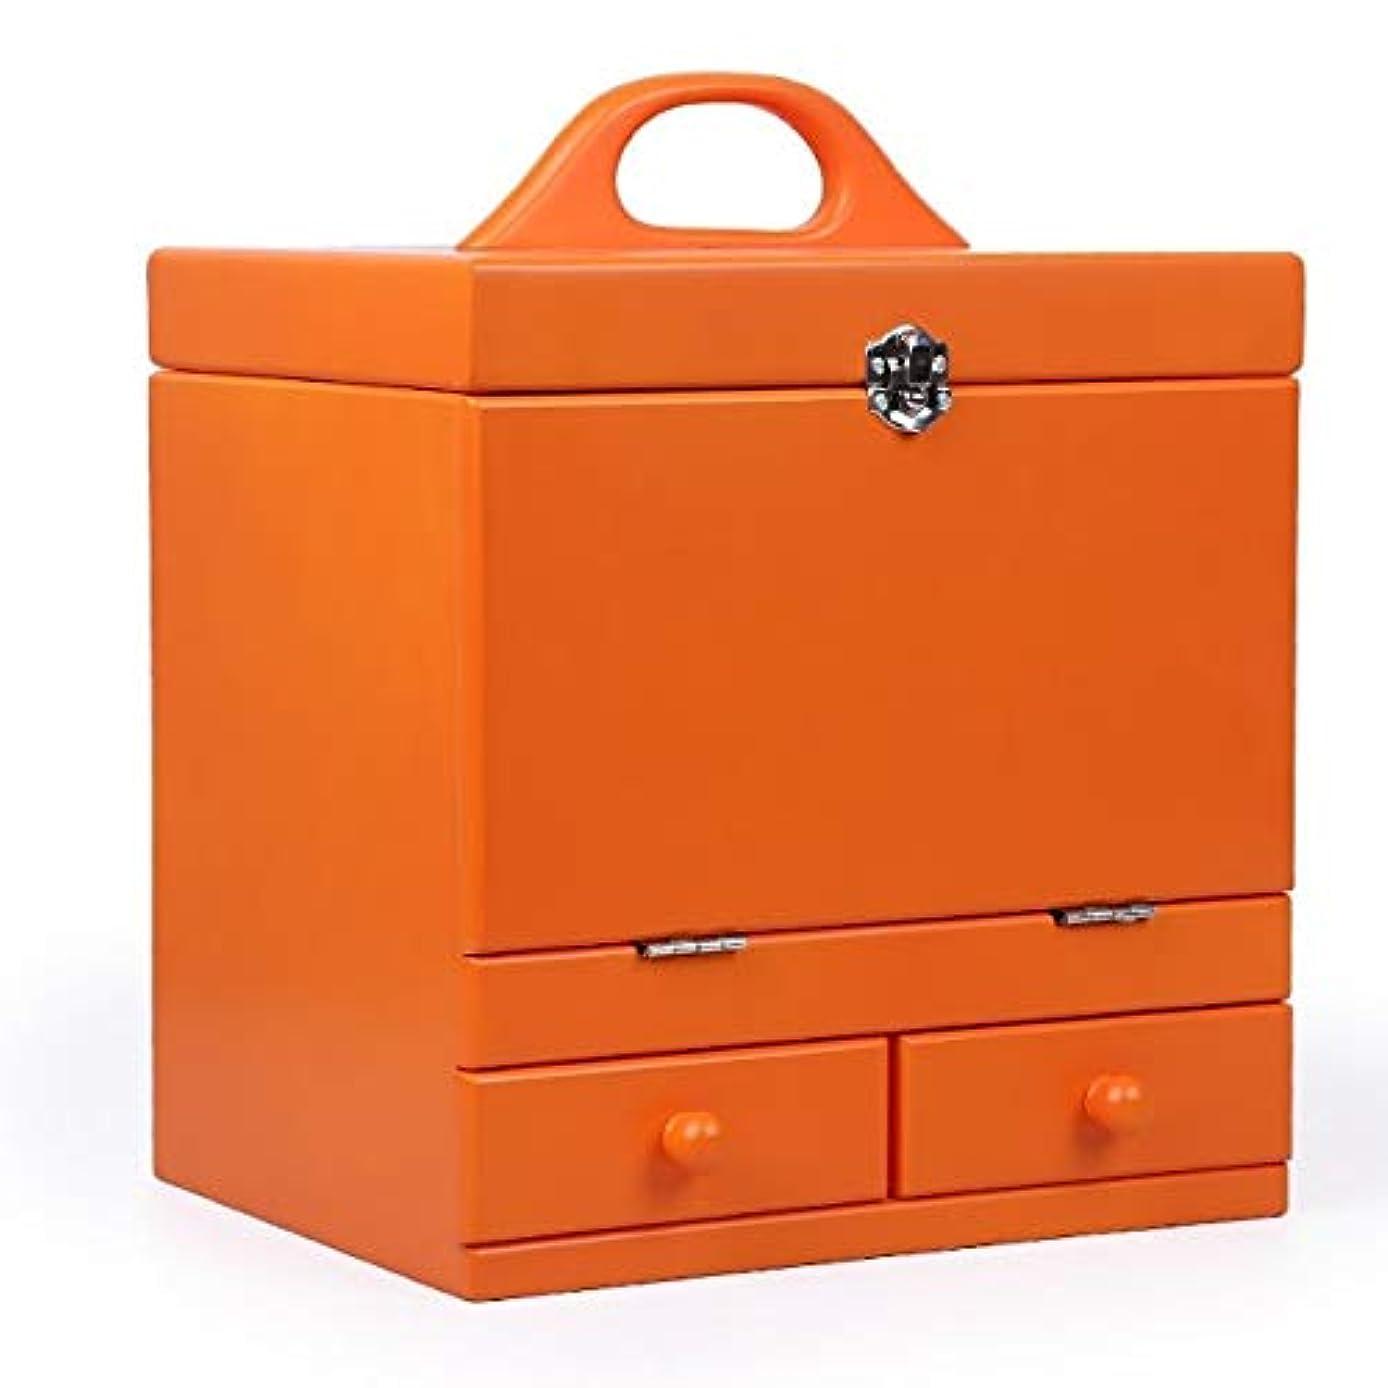 キモい結核リングバック化粧箱、オレンジ二重デッキヴィンテージ木製彫刻化粧品ケース、ミラー、高級ウェディングギフト、新築祝いギフト、美容ネイルジュエリー収納ボックス